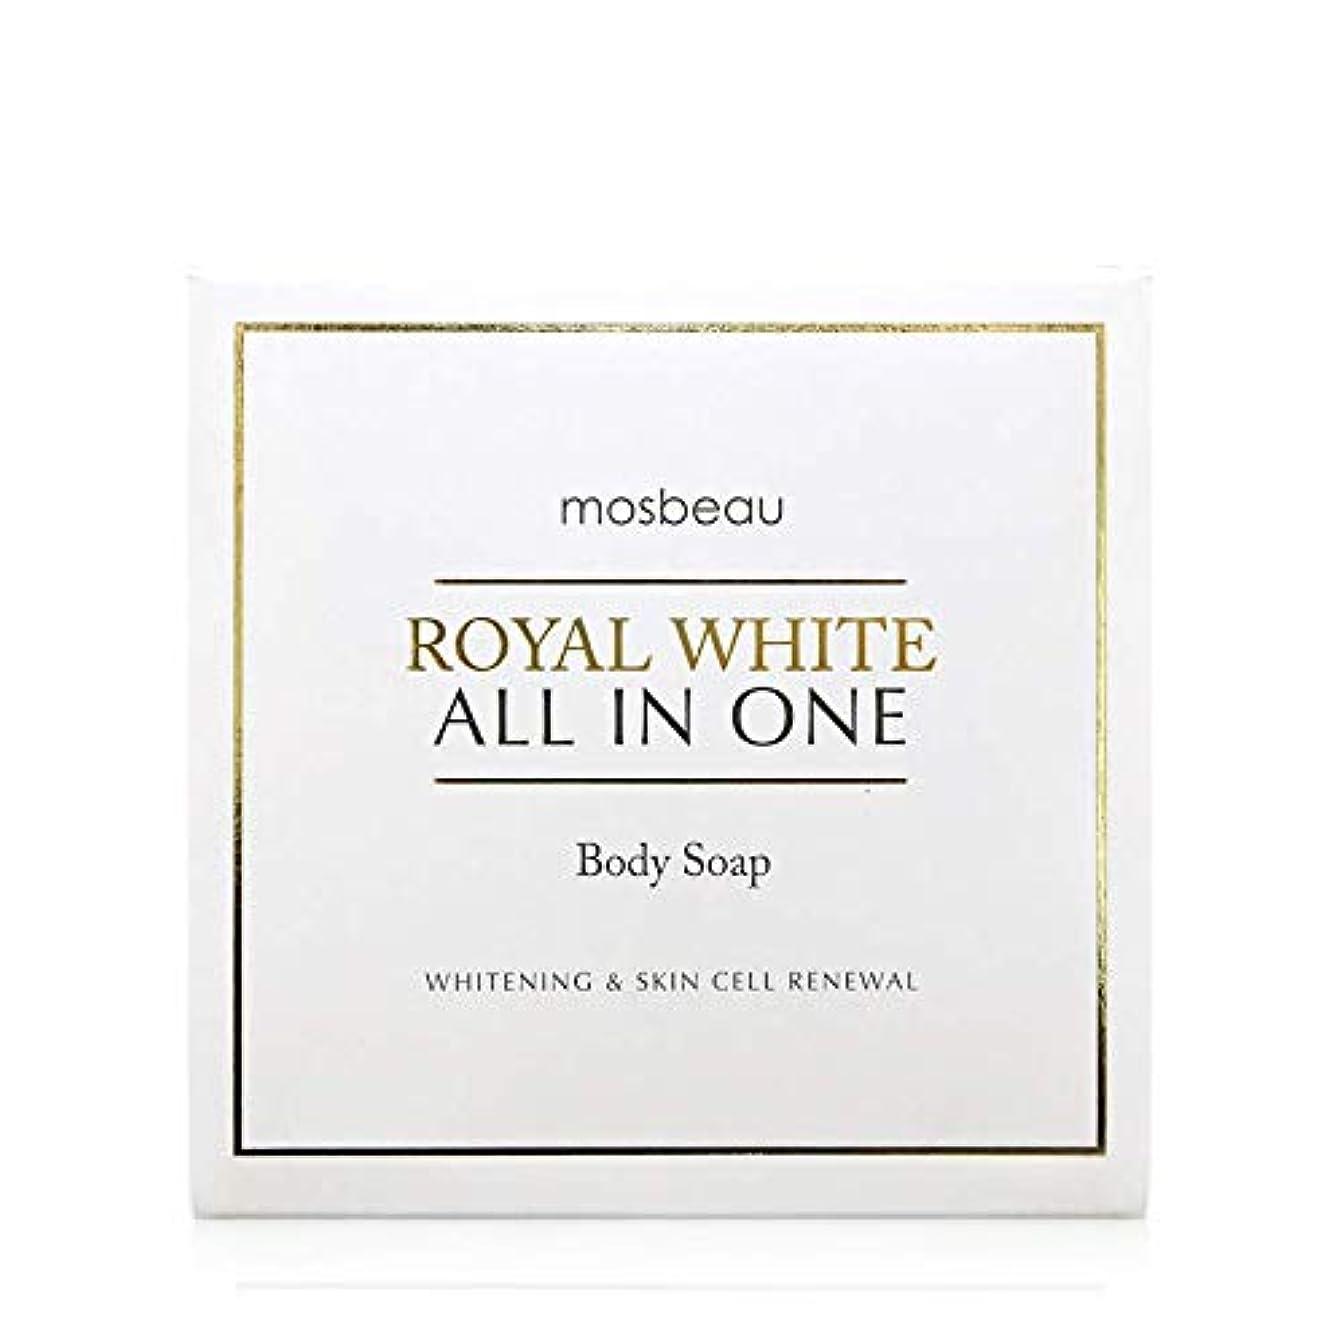 探す媒染剤正しくmosbeau ROYAL WHITE ALL-IN-ONE BODY SOAP 100g ロィヤルホワイトオールインワンボディーソープ